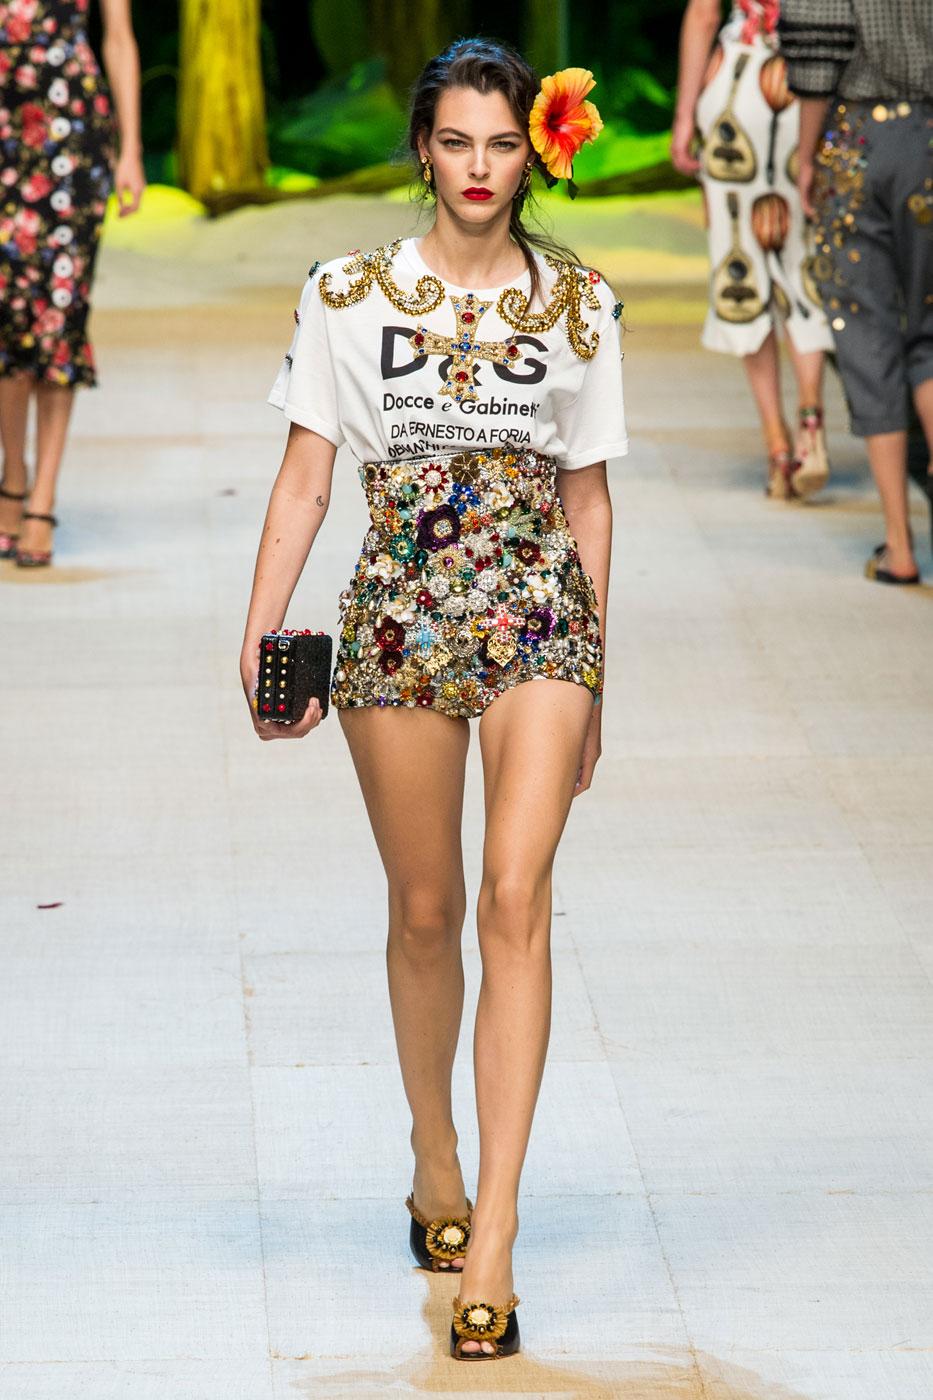 Dolce Gabbana Woman Fashion Shows